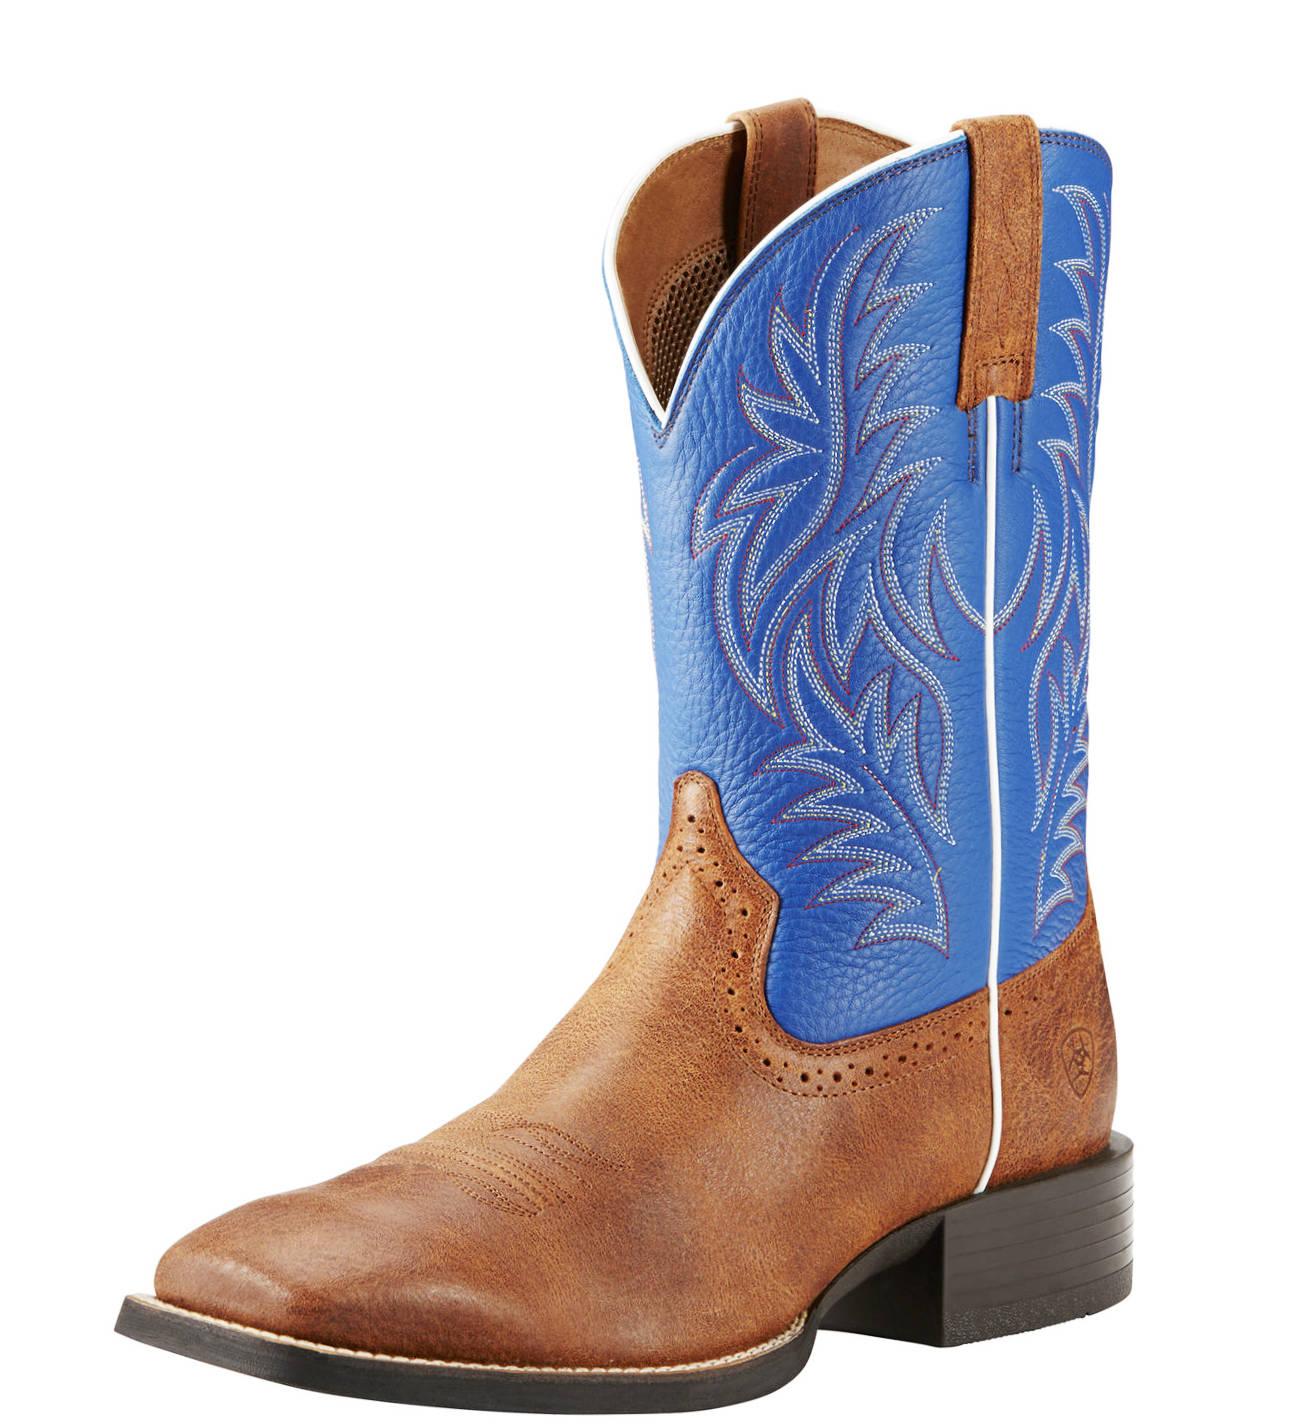 Shop Our Great Selection Of Cowboy Boots | Botas Vaqueras Gran Seleccion y Los Mejores Estilos.